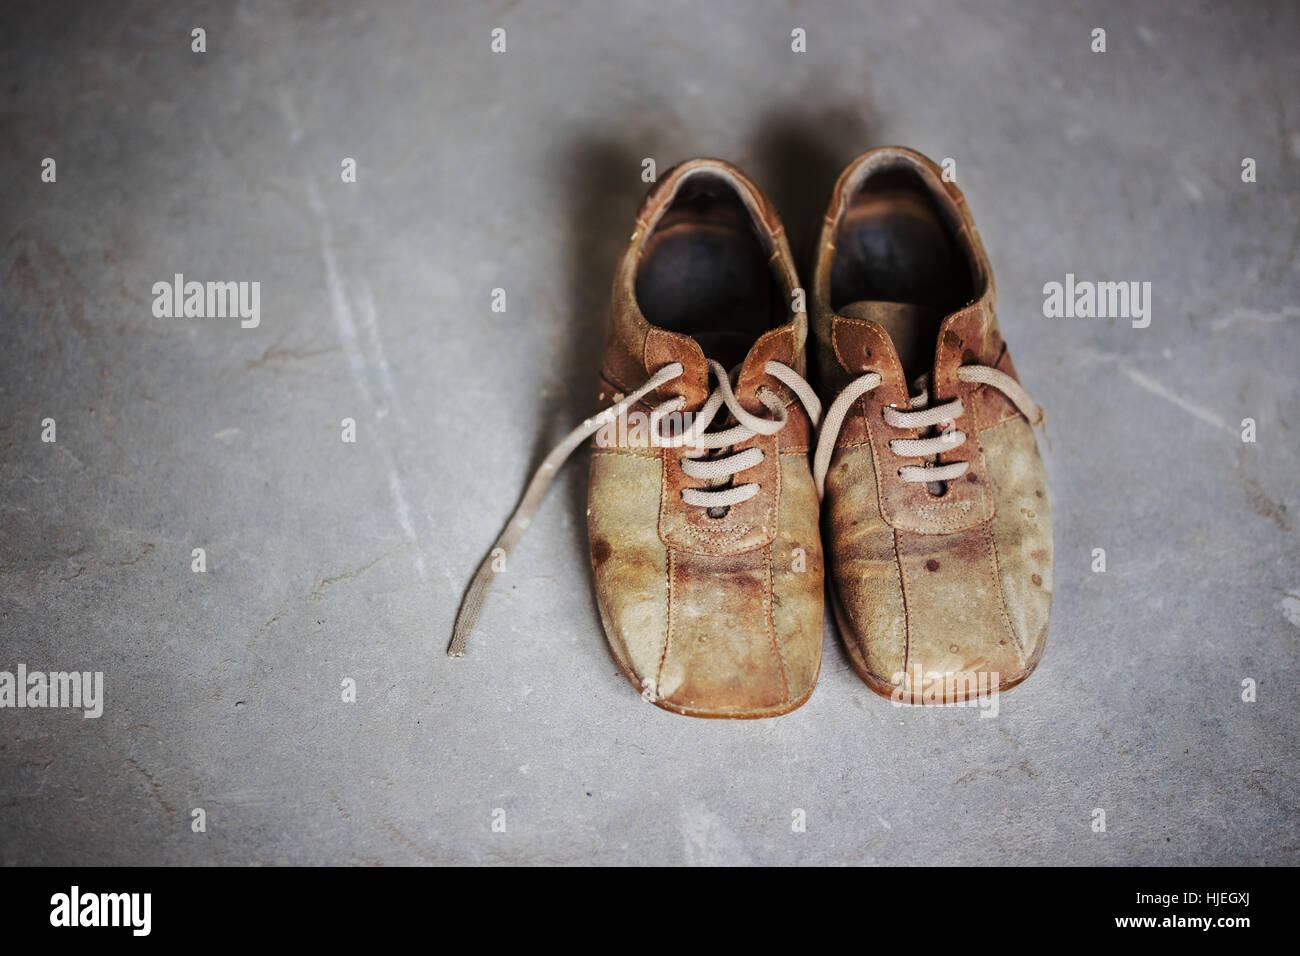 Old grunge marron bottes sur fond de ciment gris Photo Stock